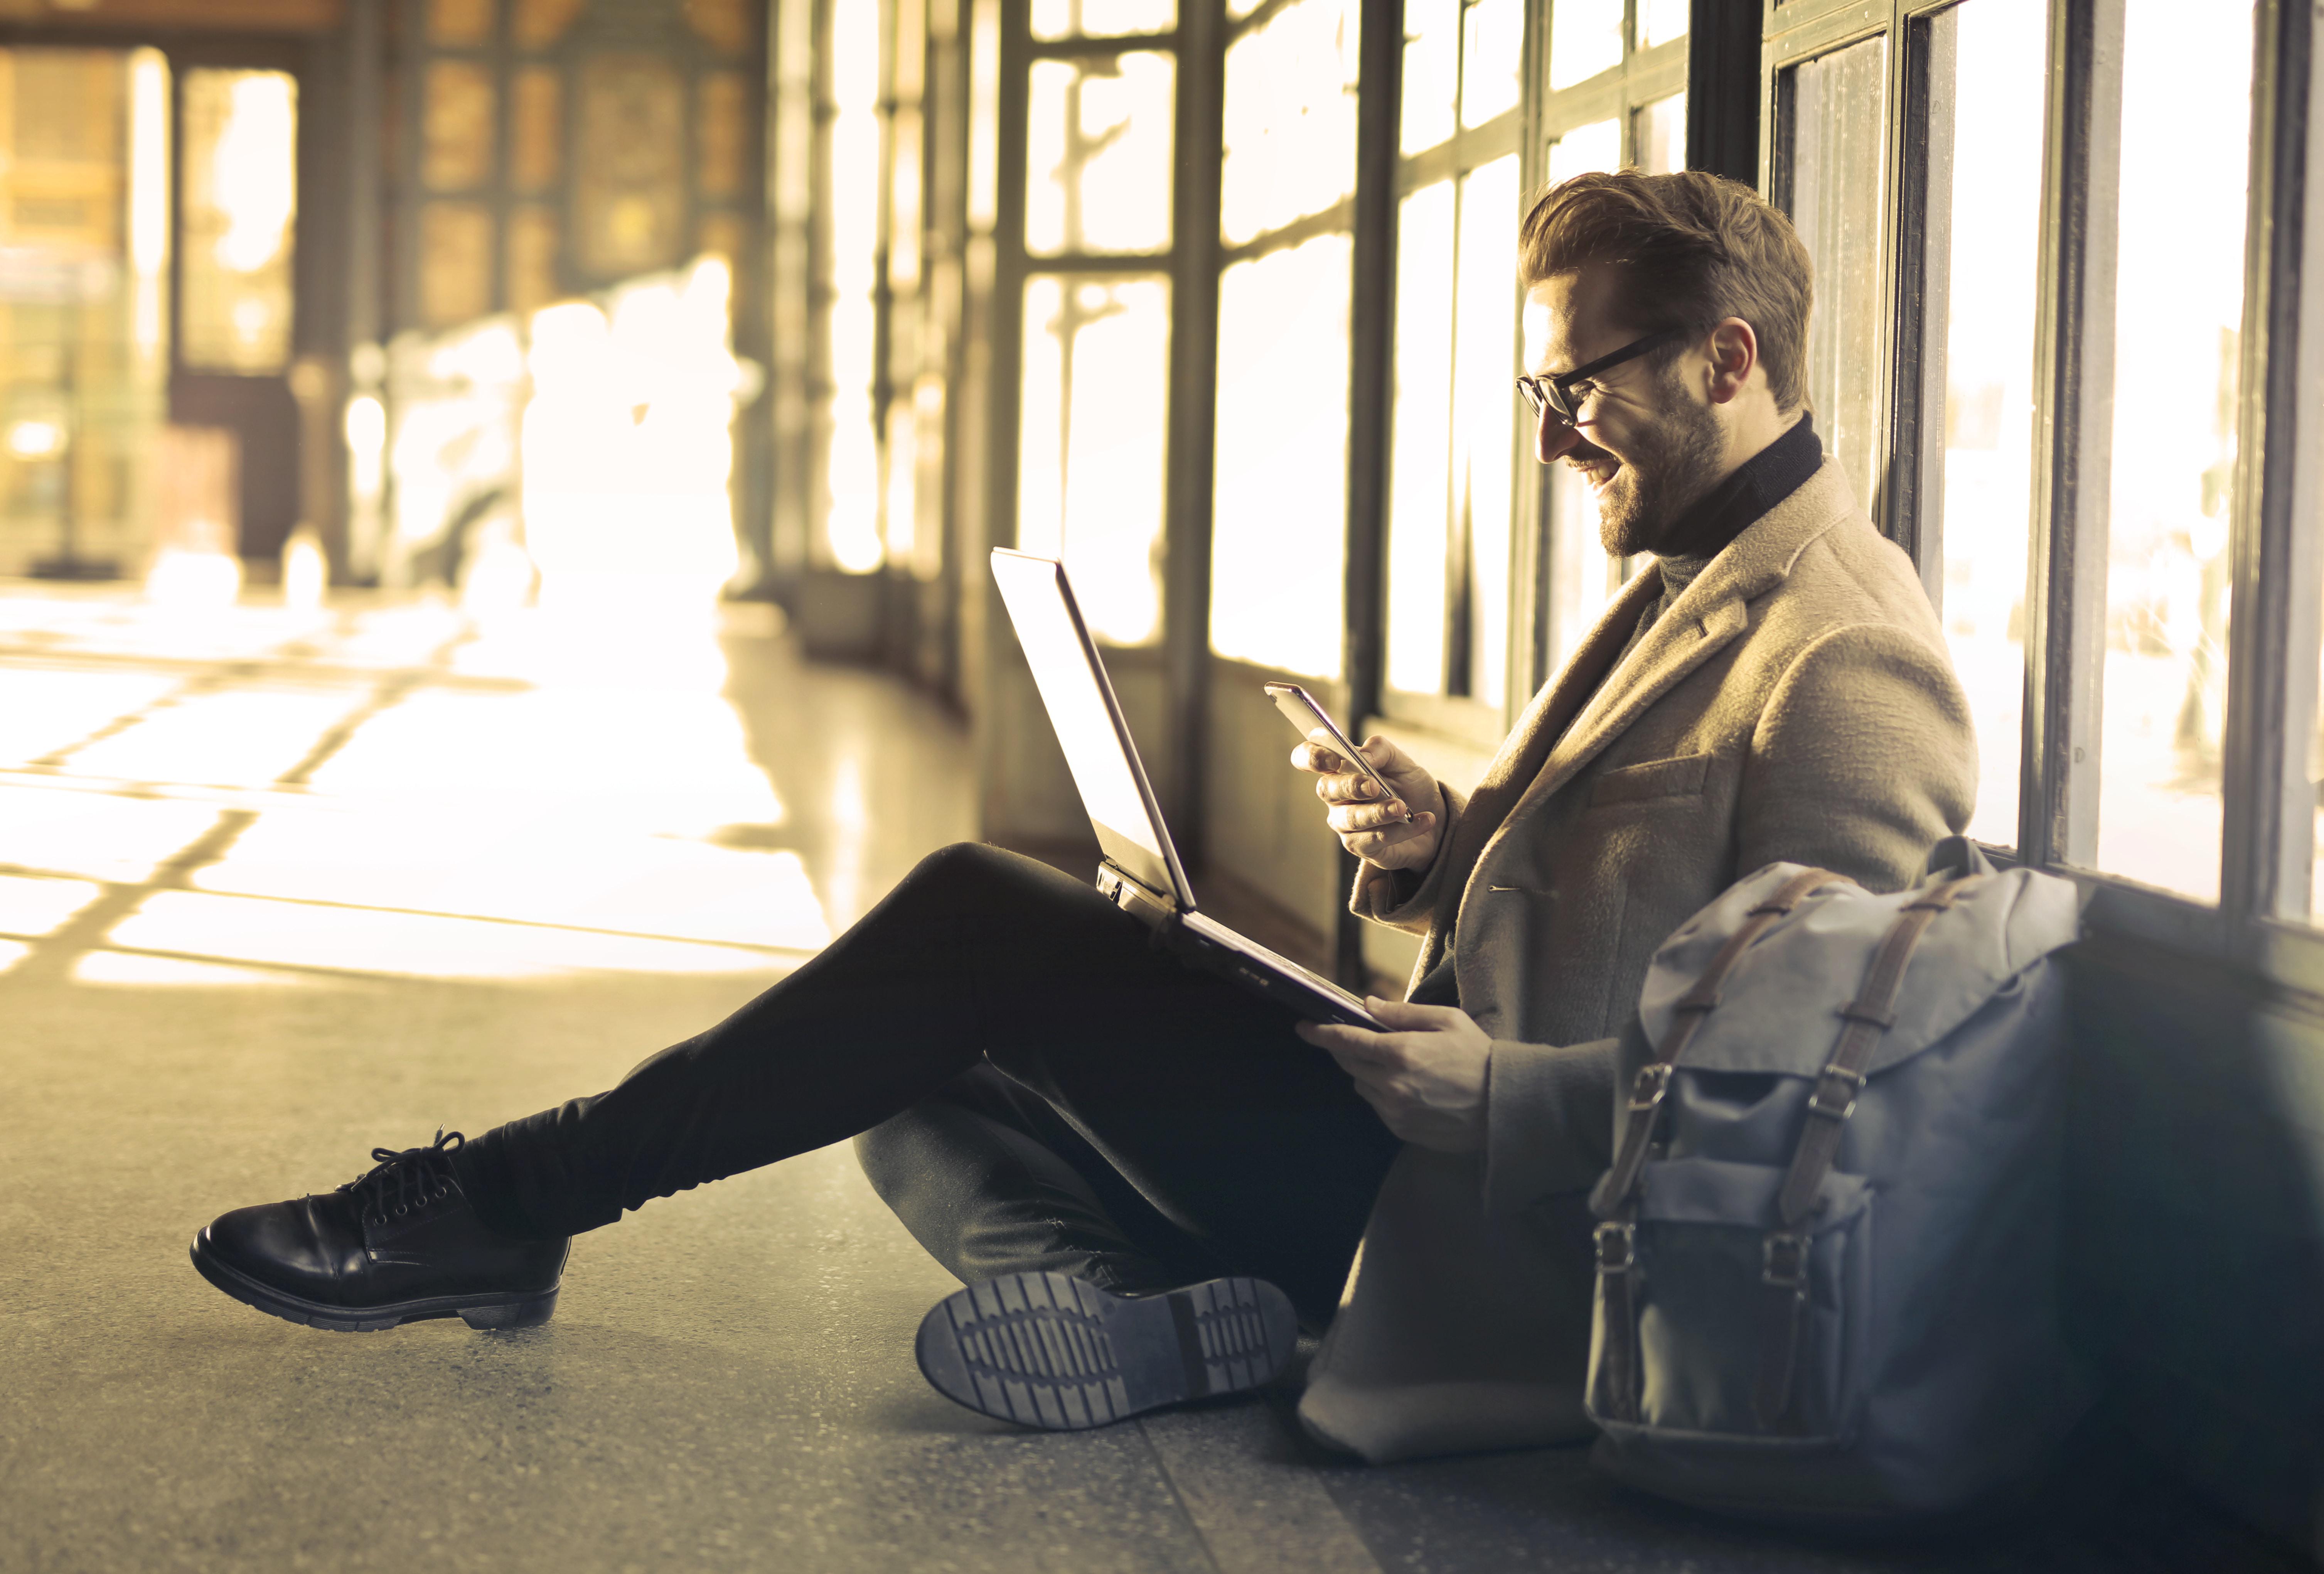 ¡Hágalo usted mismo!: Autoservicio de RRHH para empleados en plataformas digitales